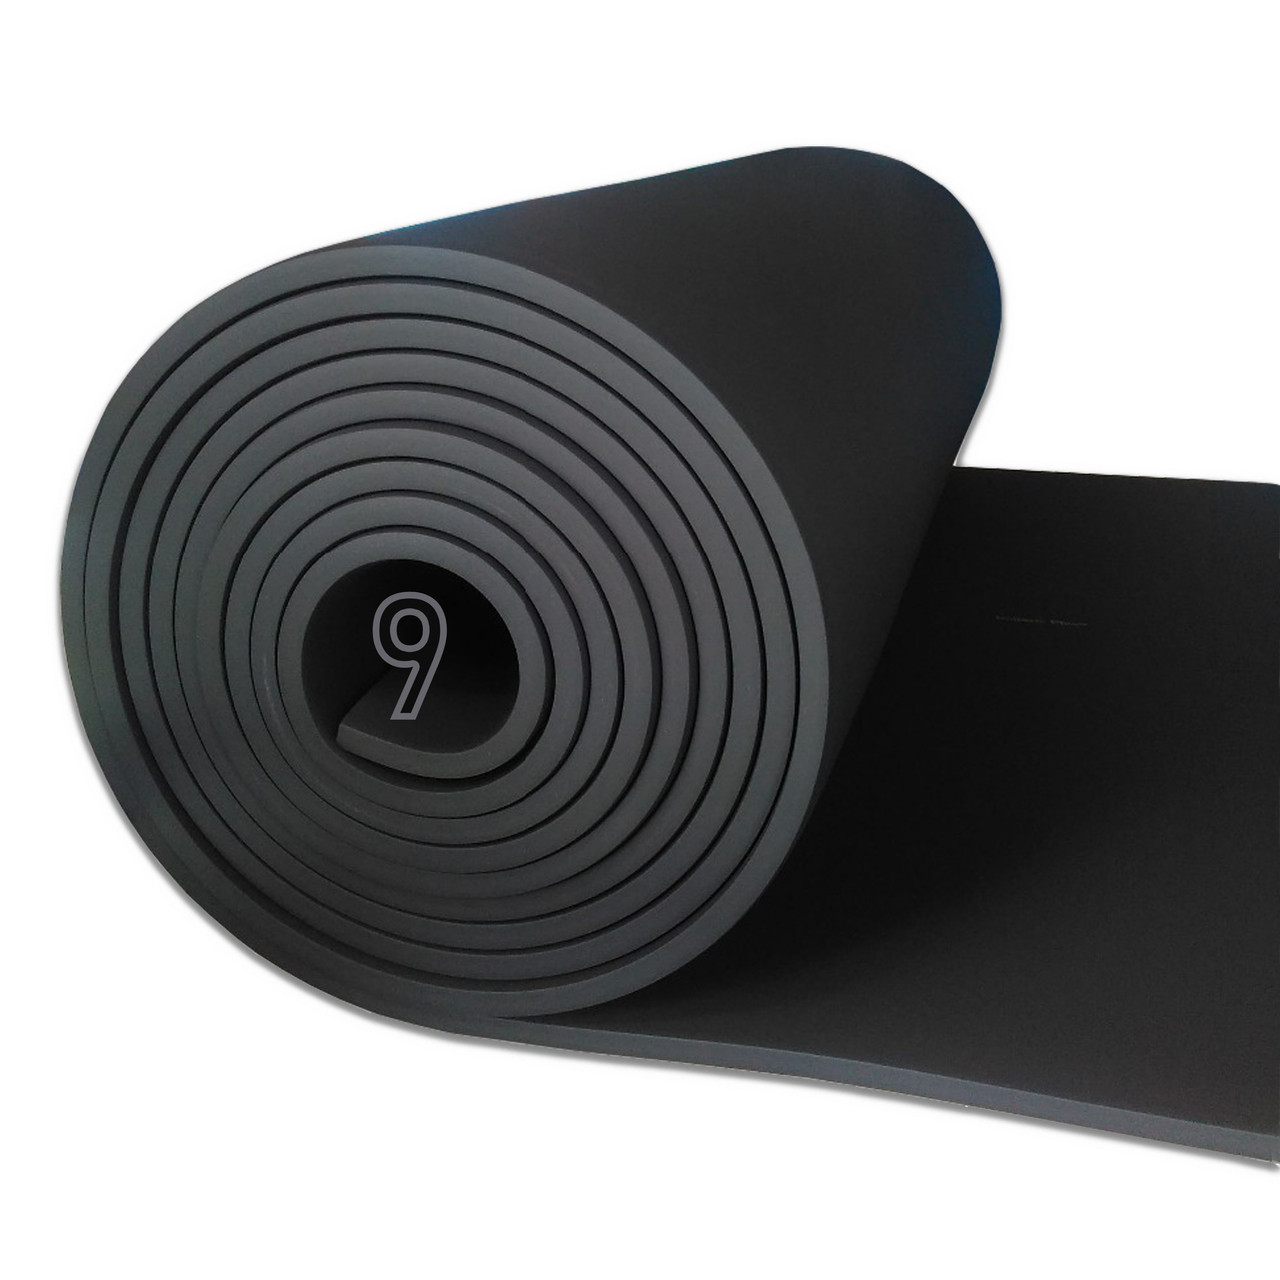 Вспененный каучук 9 мм цена за рулон (утеплитель, шумоизоляция)